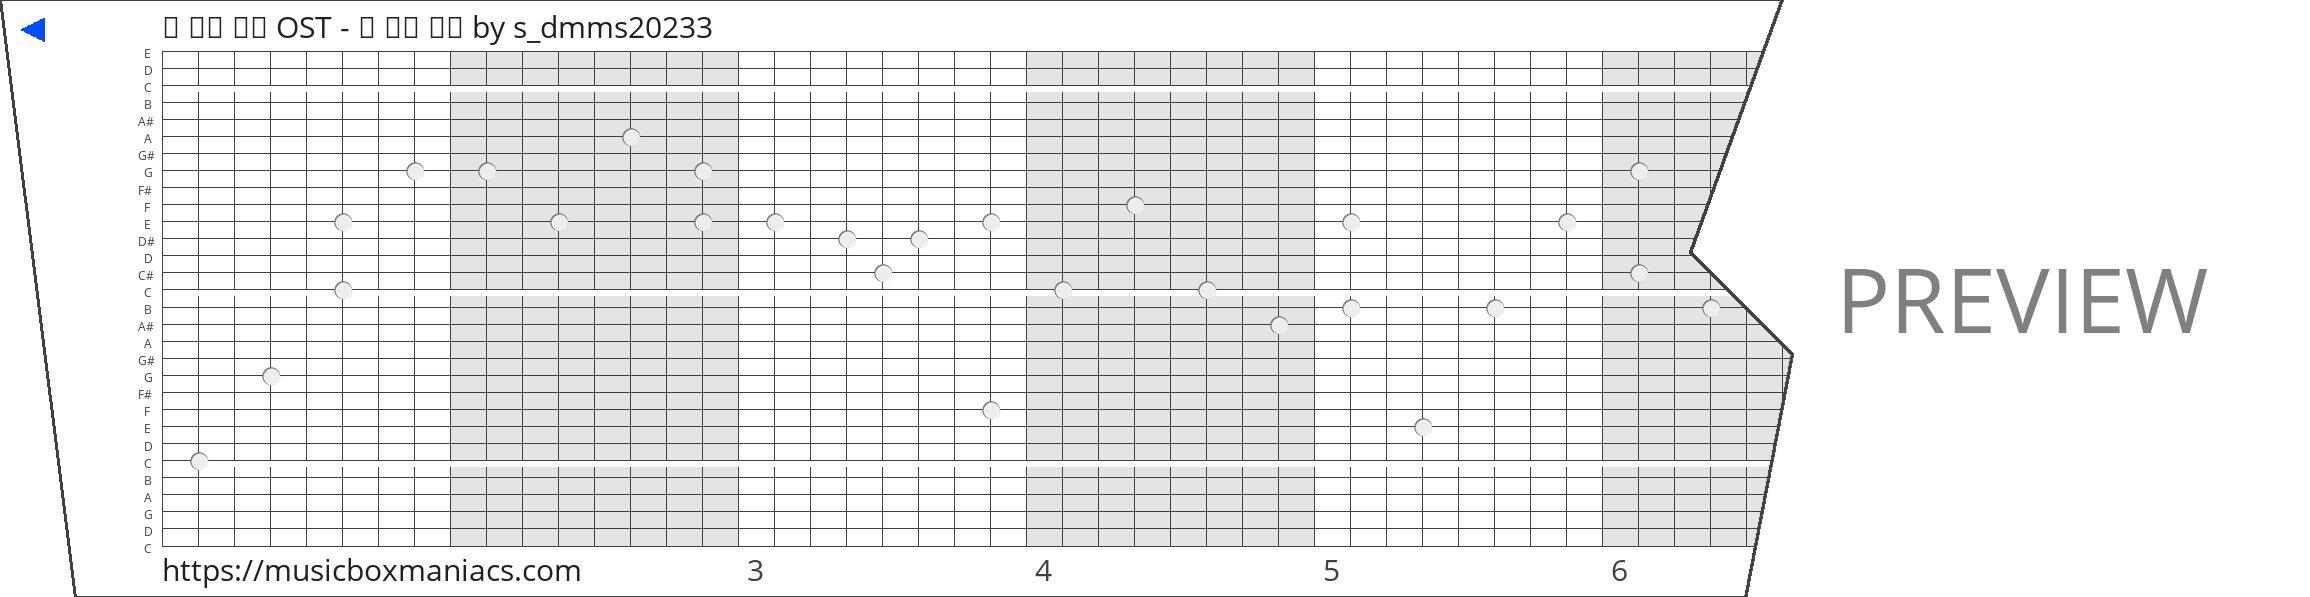 늘 푸른 찻집 OST - 늘 푸른 하늘 30 note music box paper strip